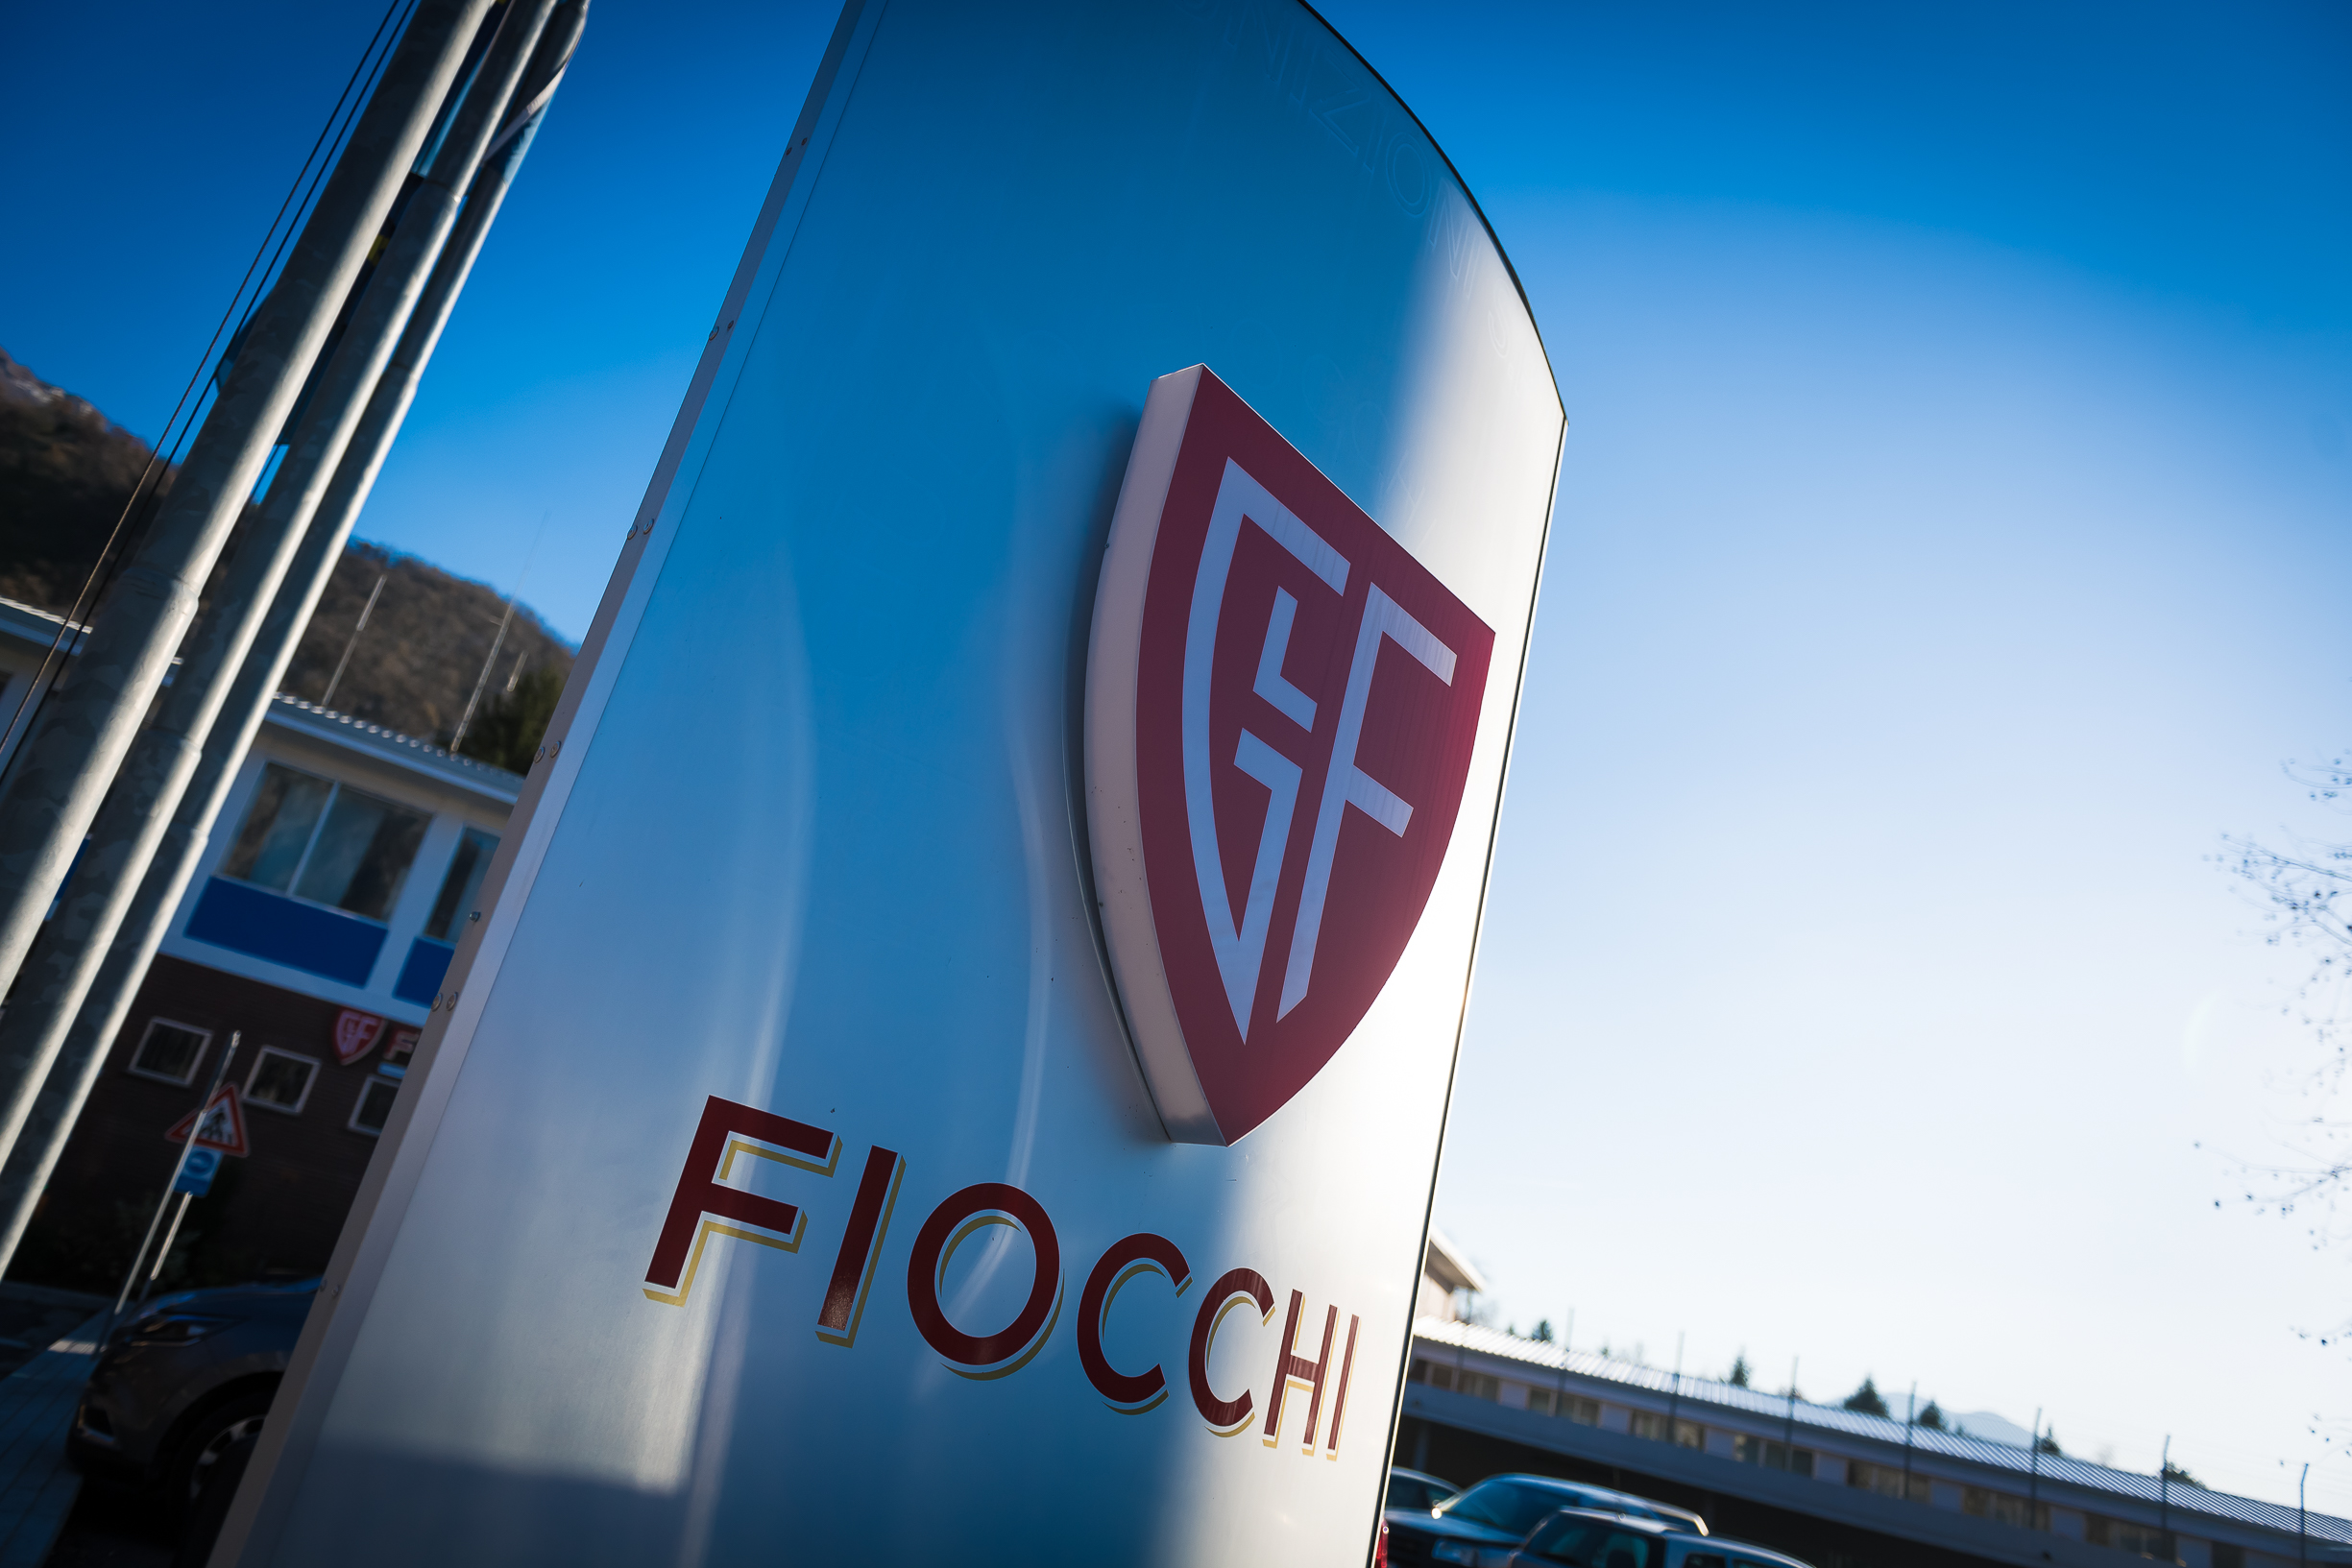 FIOCCHI MUNIZIONI LAUNCHES ITS NEW WEBSITE